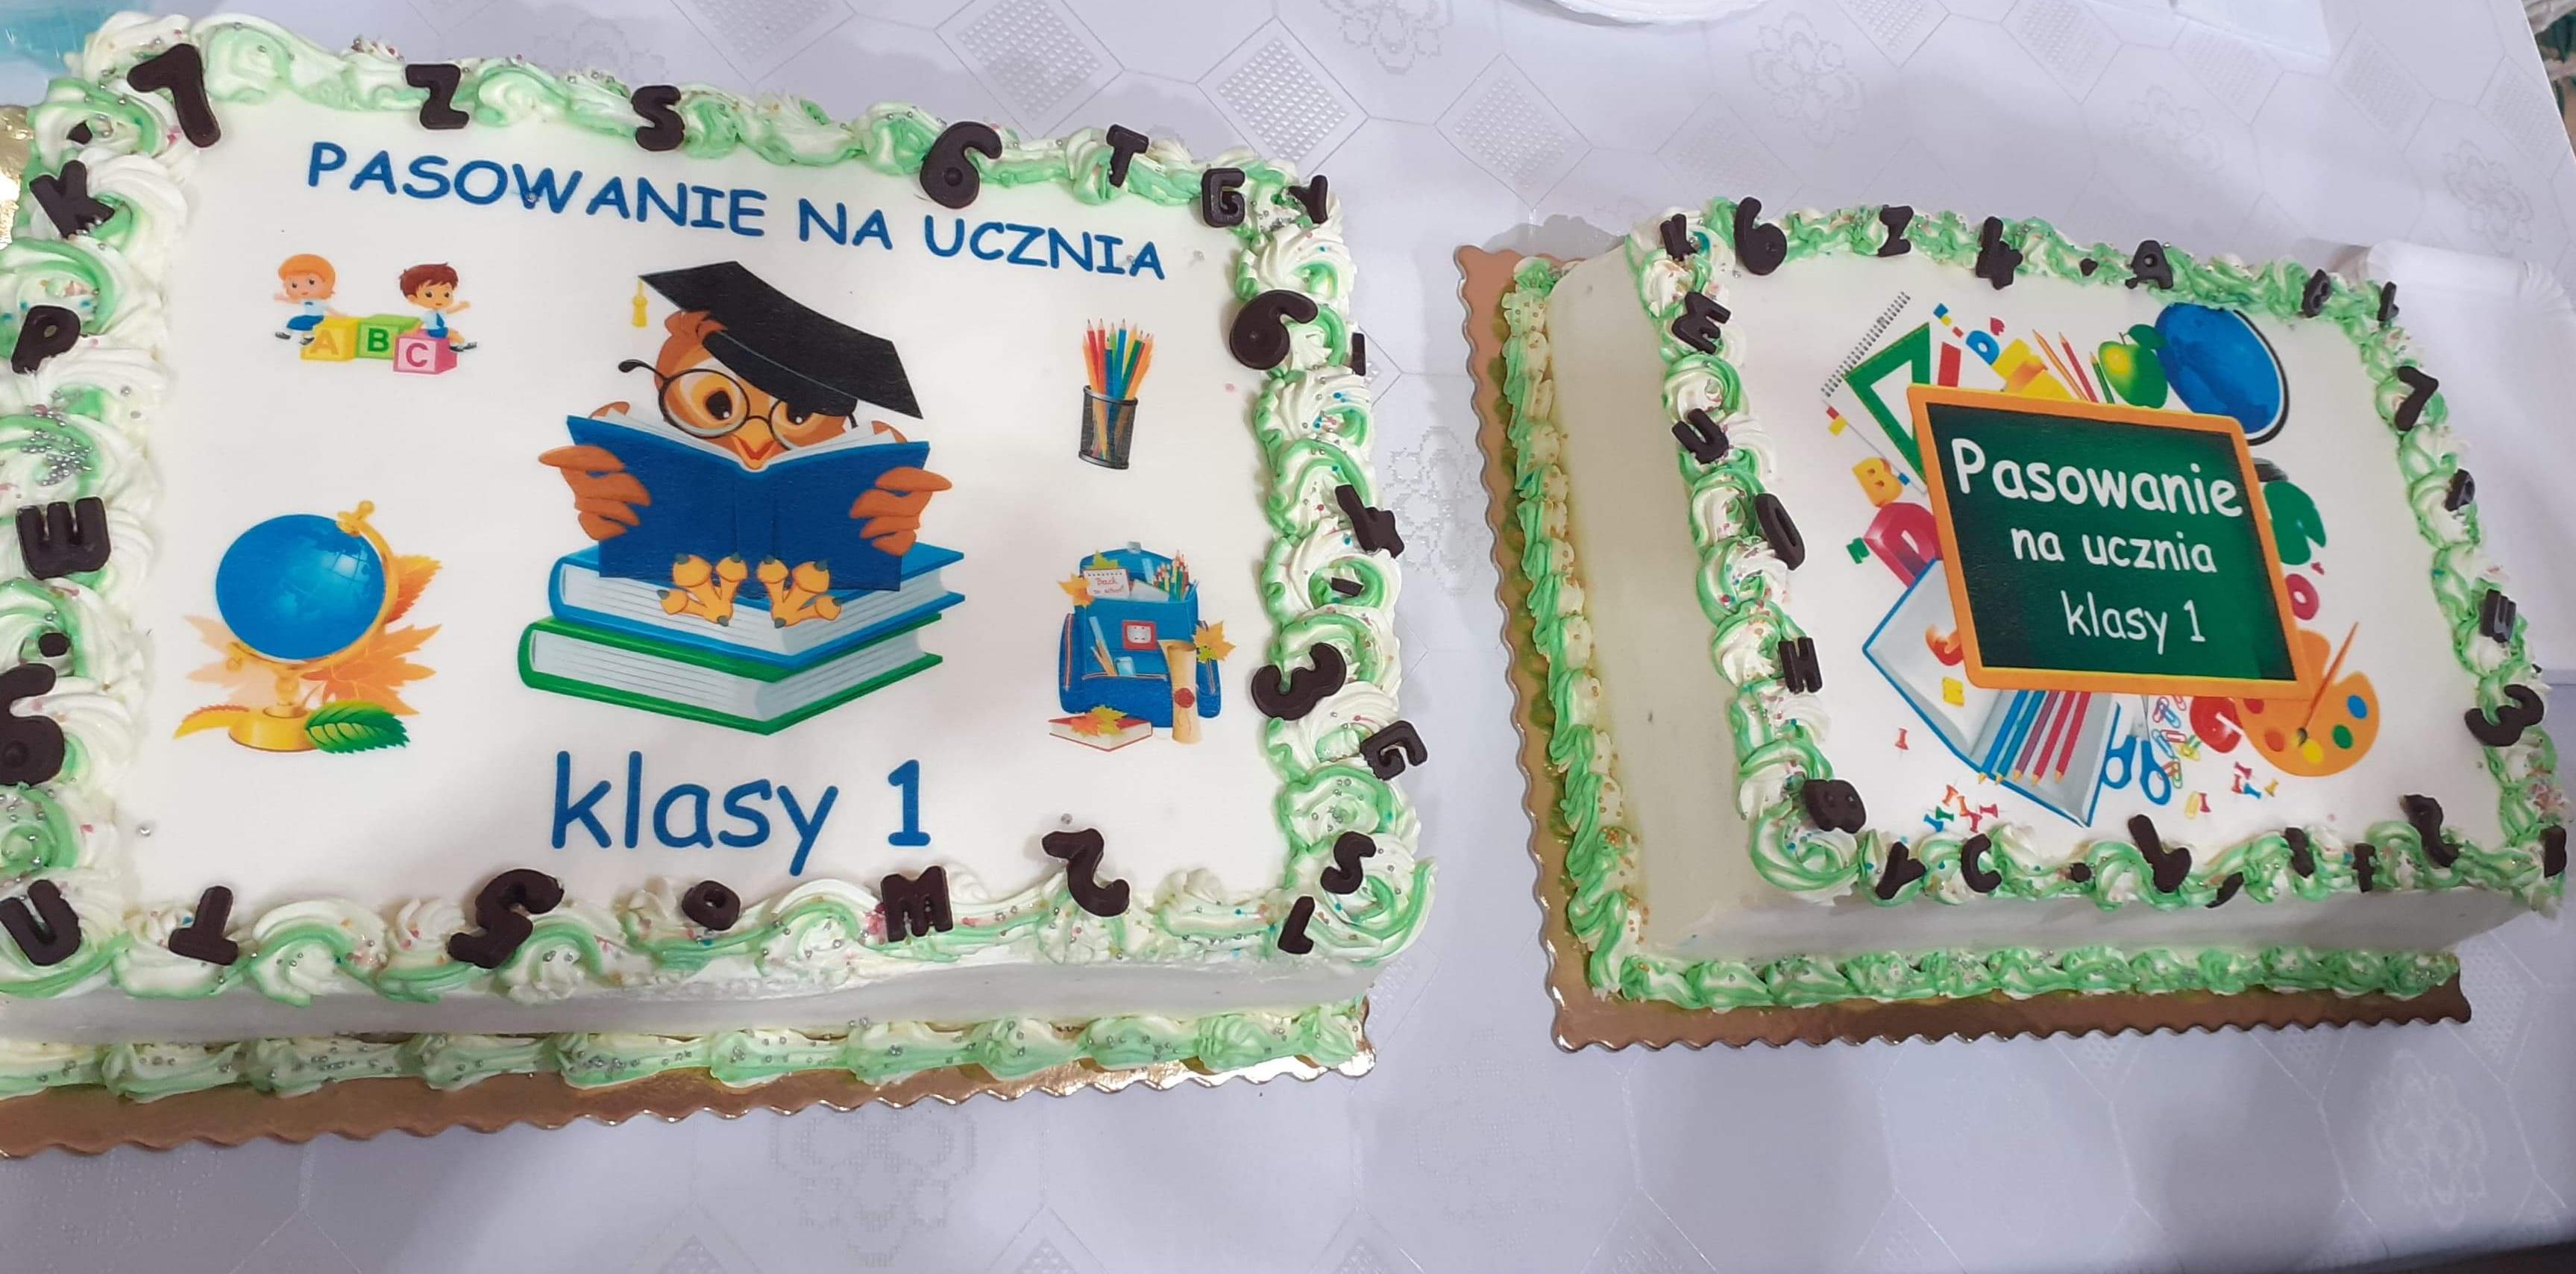 Słodki prezent od rodziców w postaci tortów.